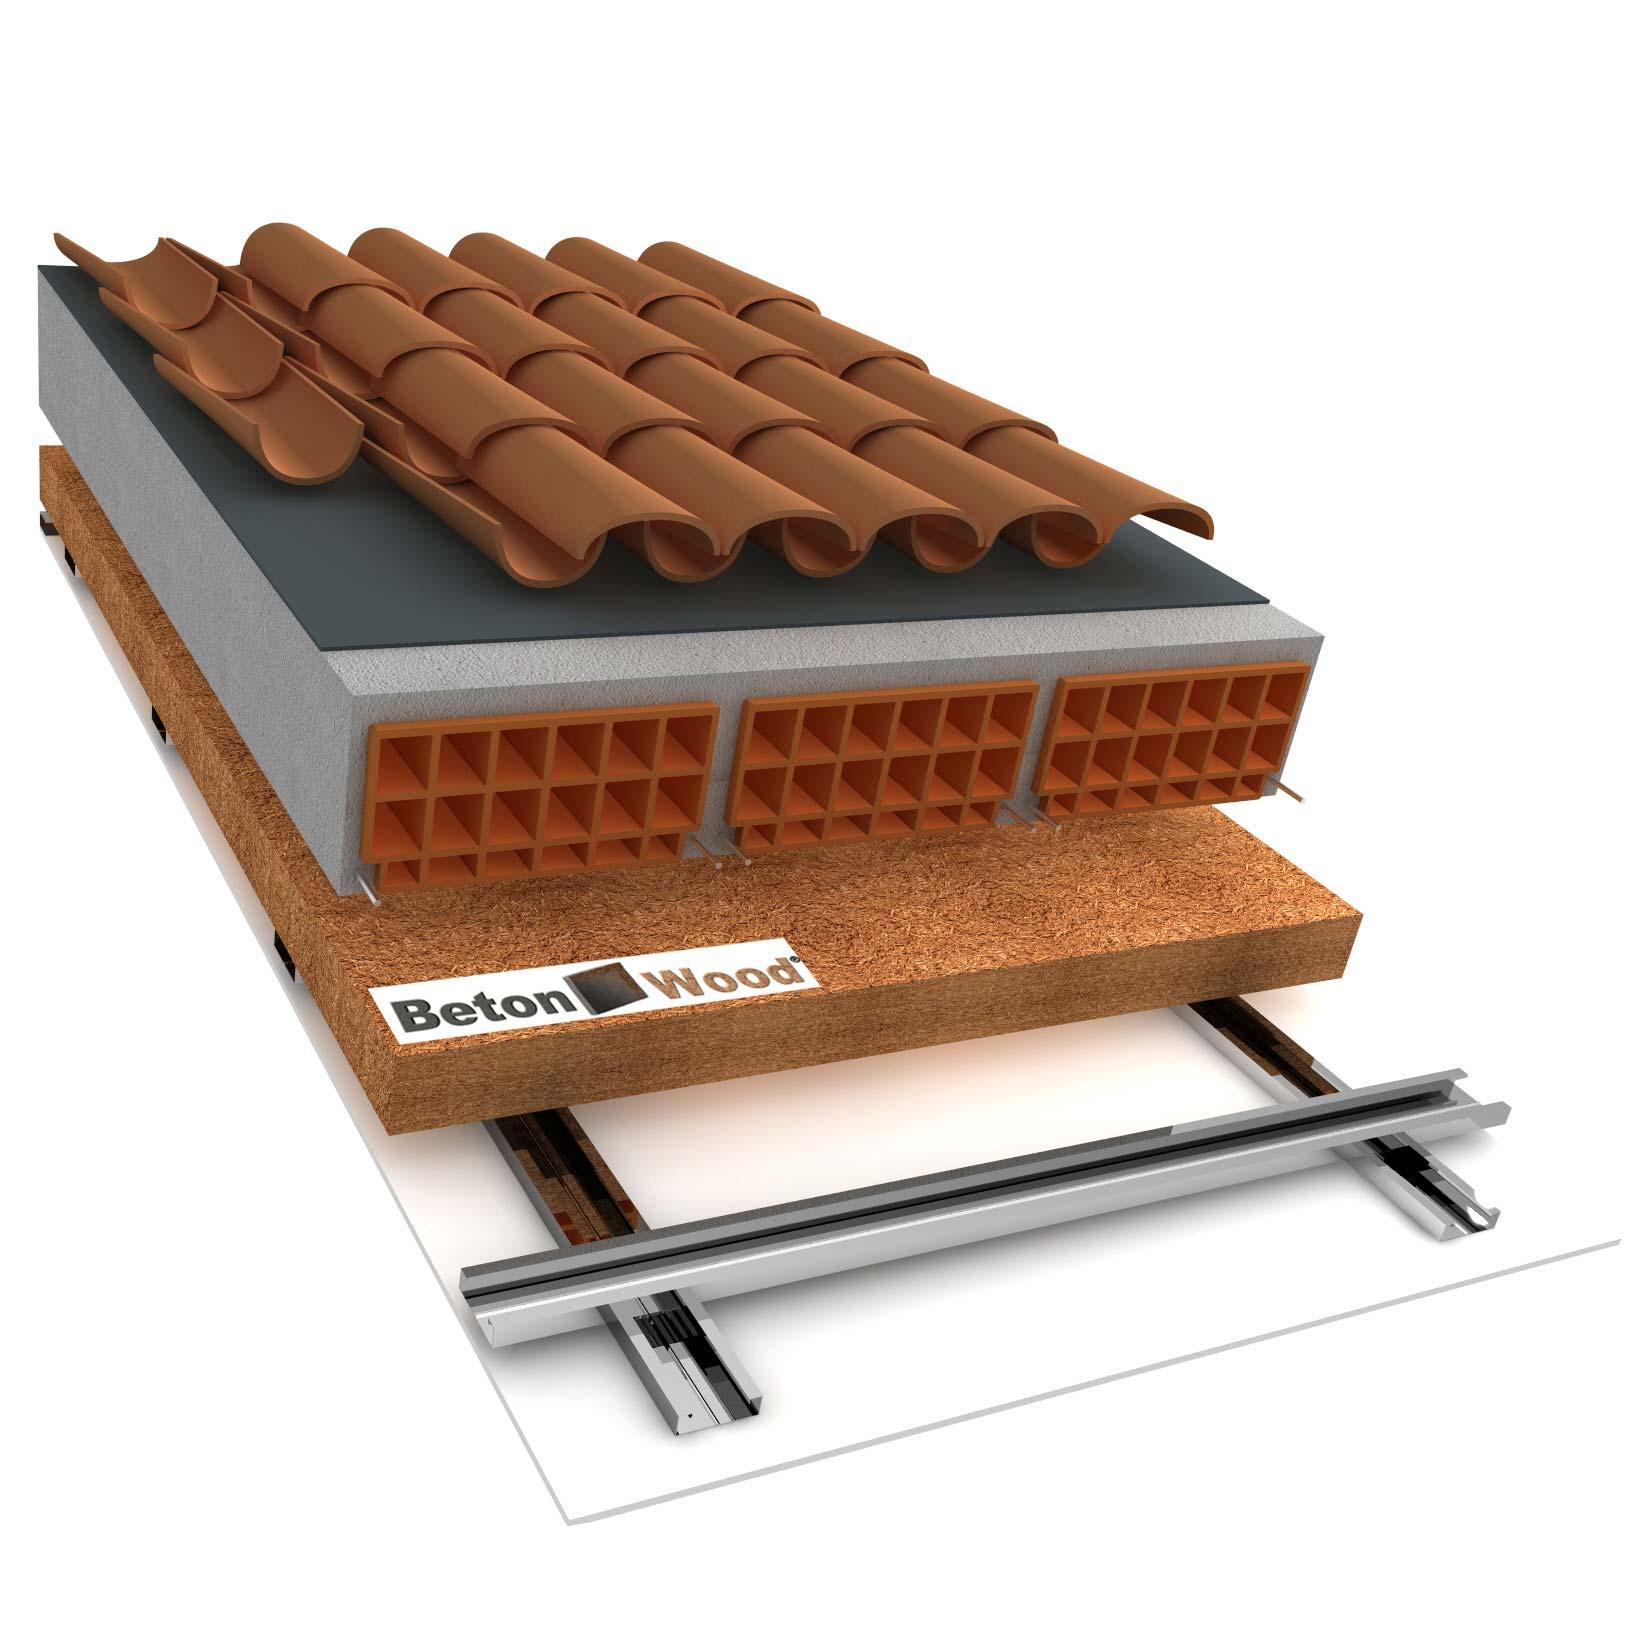 Fibra di legno per isolamento soffitti for Soffitto della cattedrale di legno